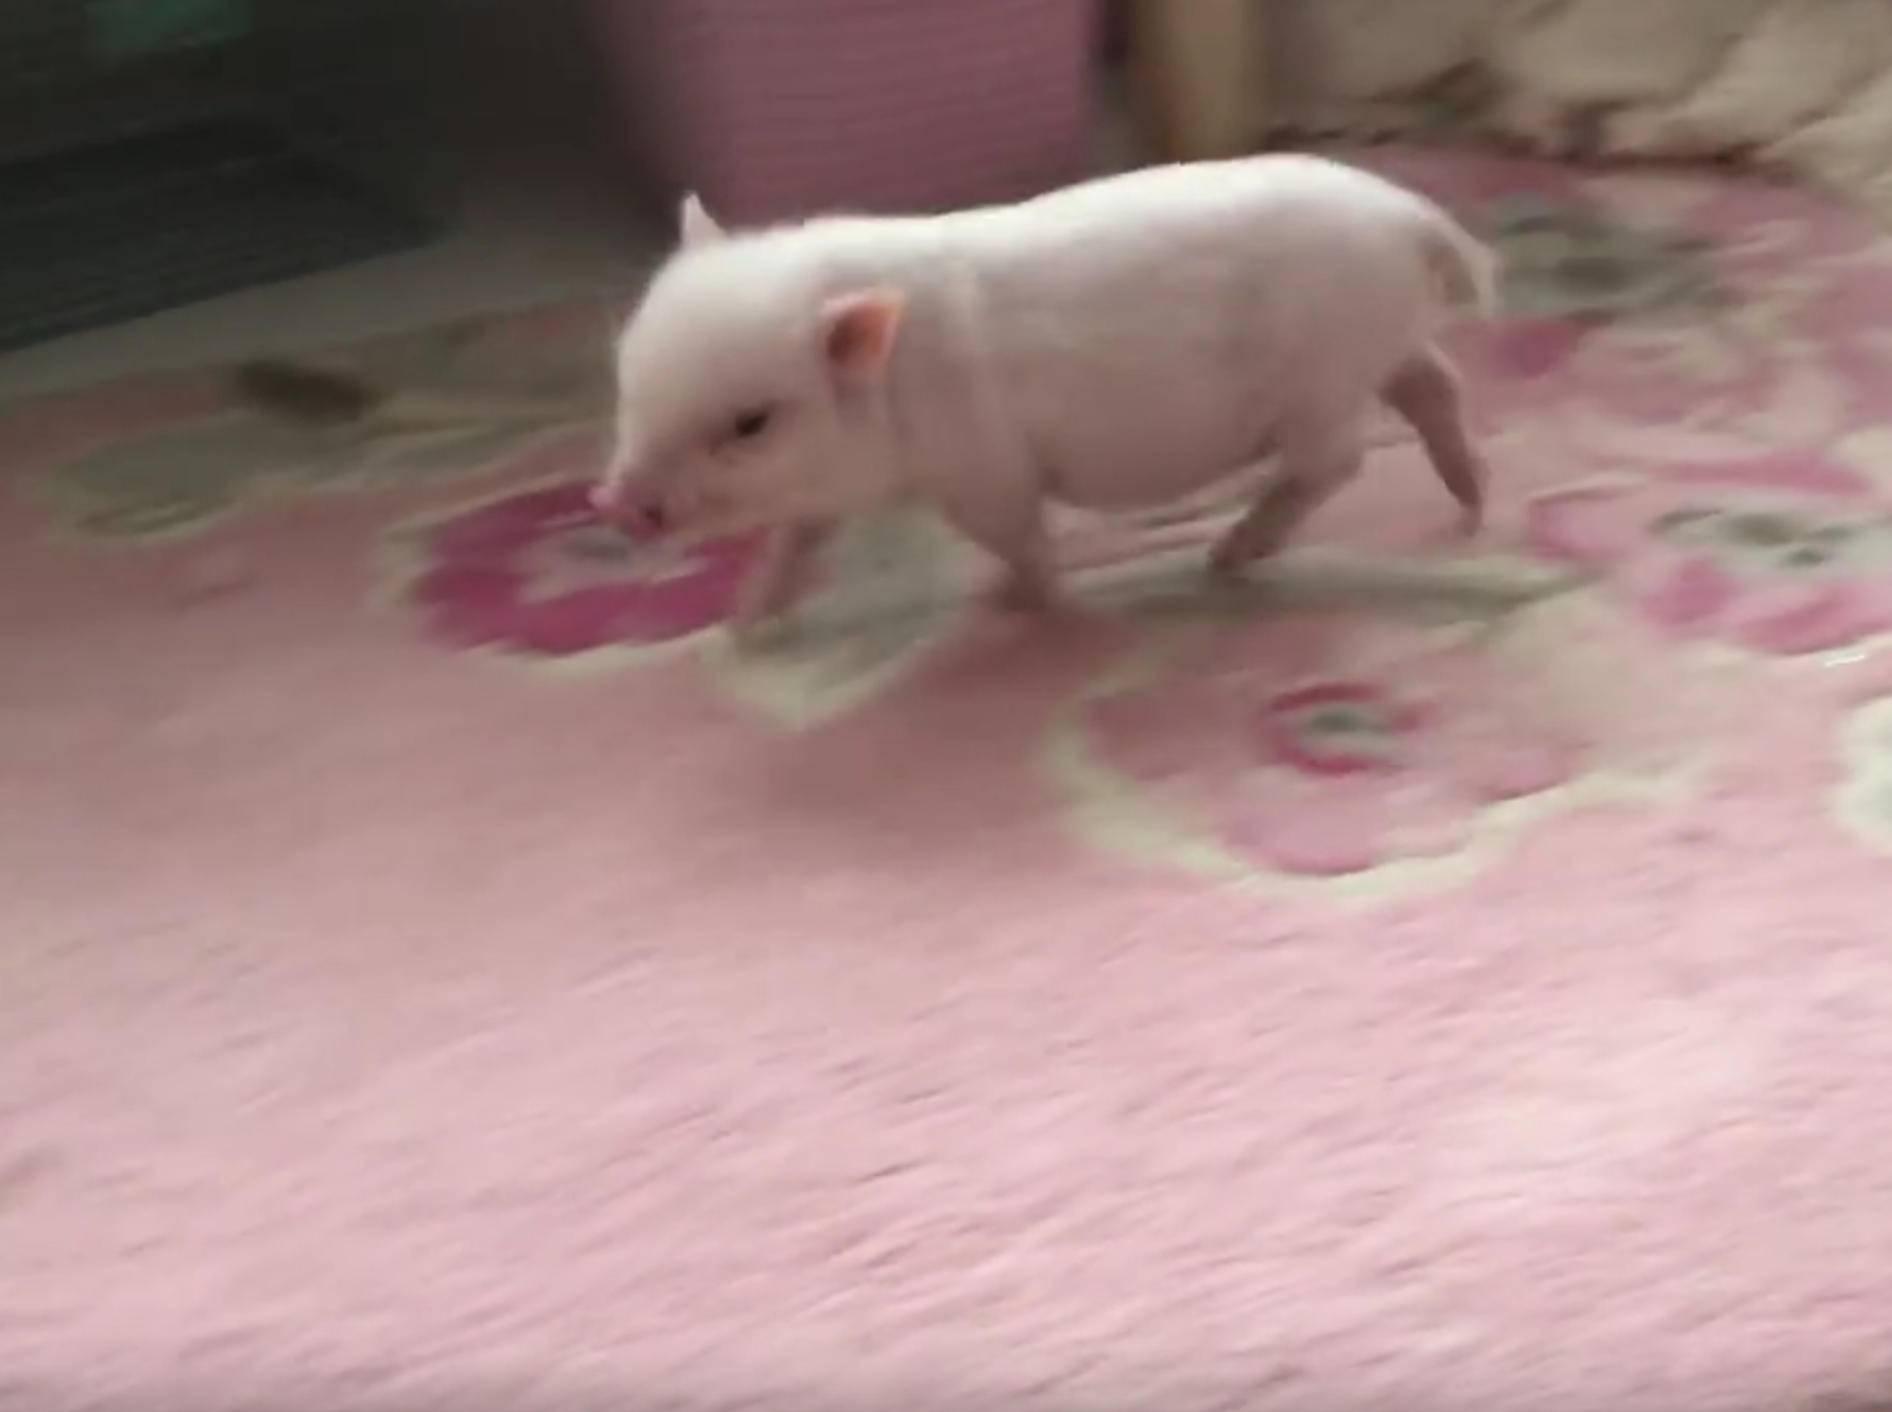 Minischwein Pearl außer Rand und Band – Bild: YouTube / Live Sweet